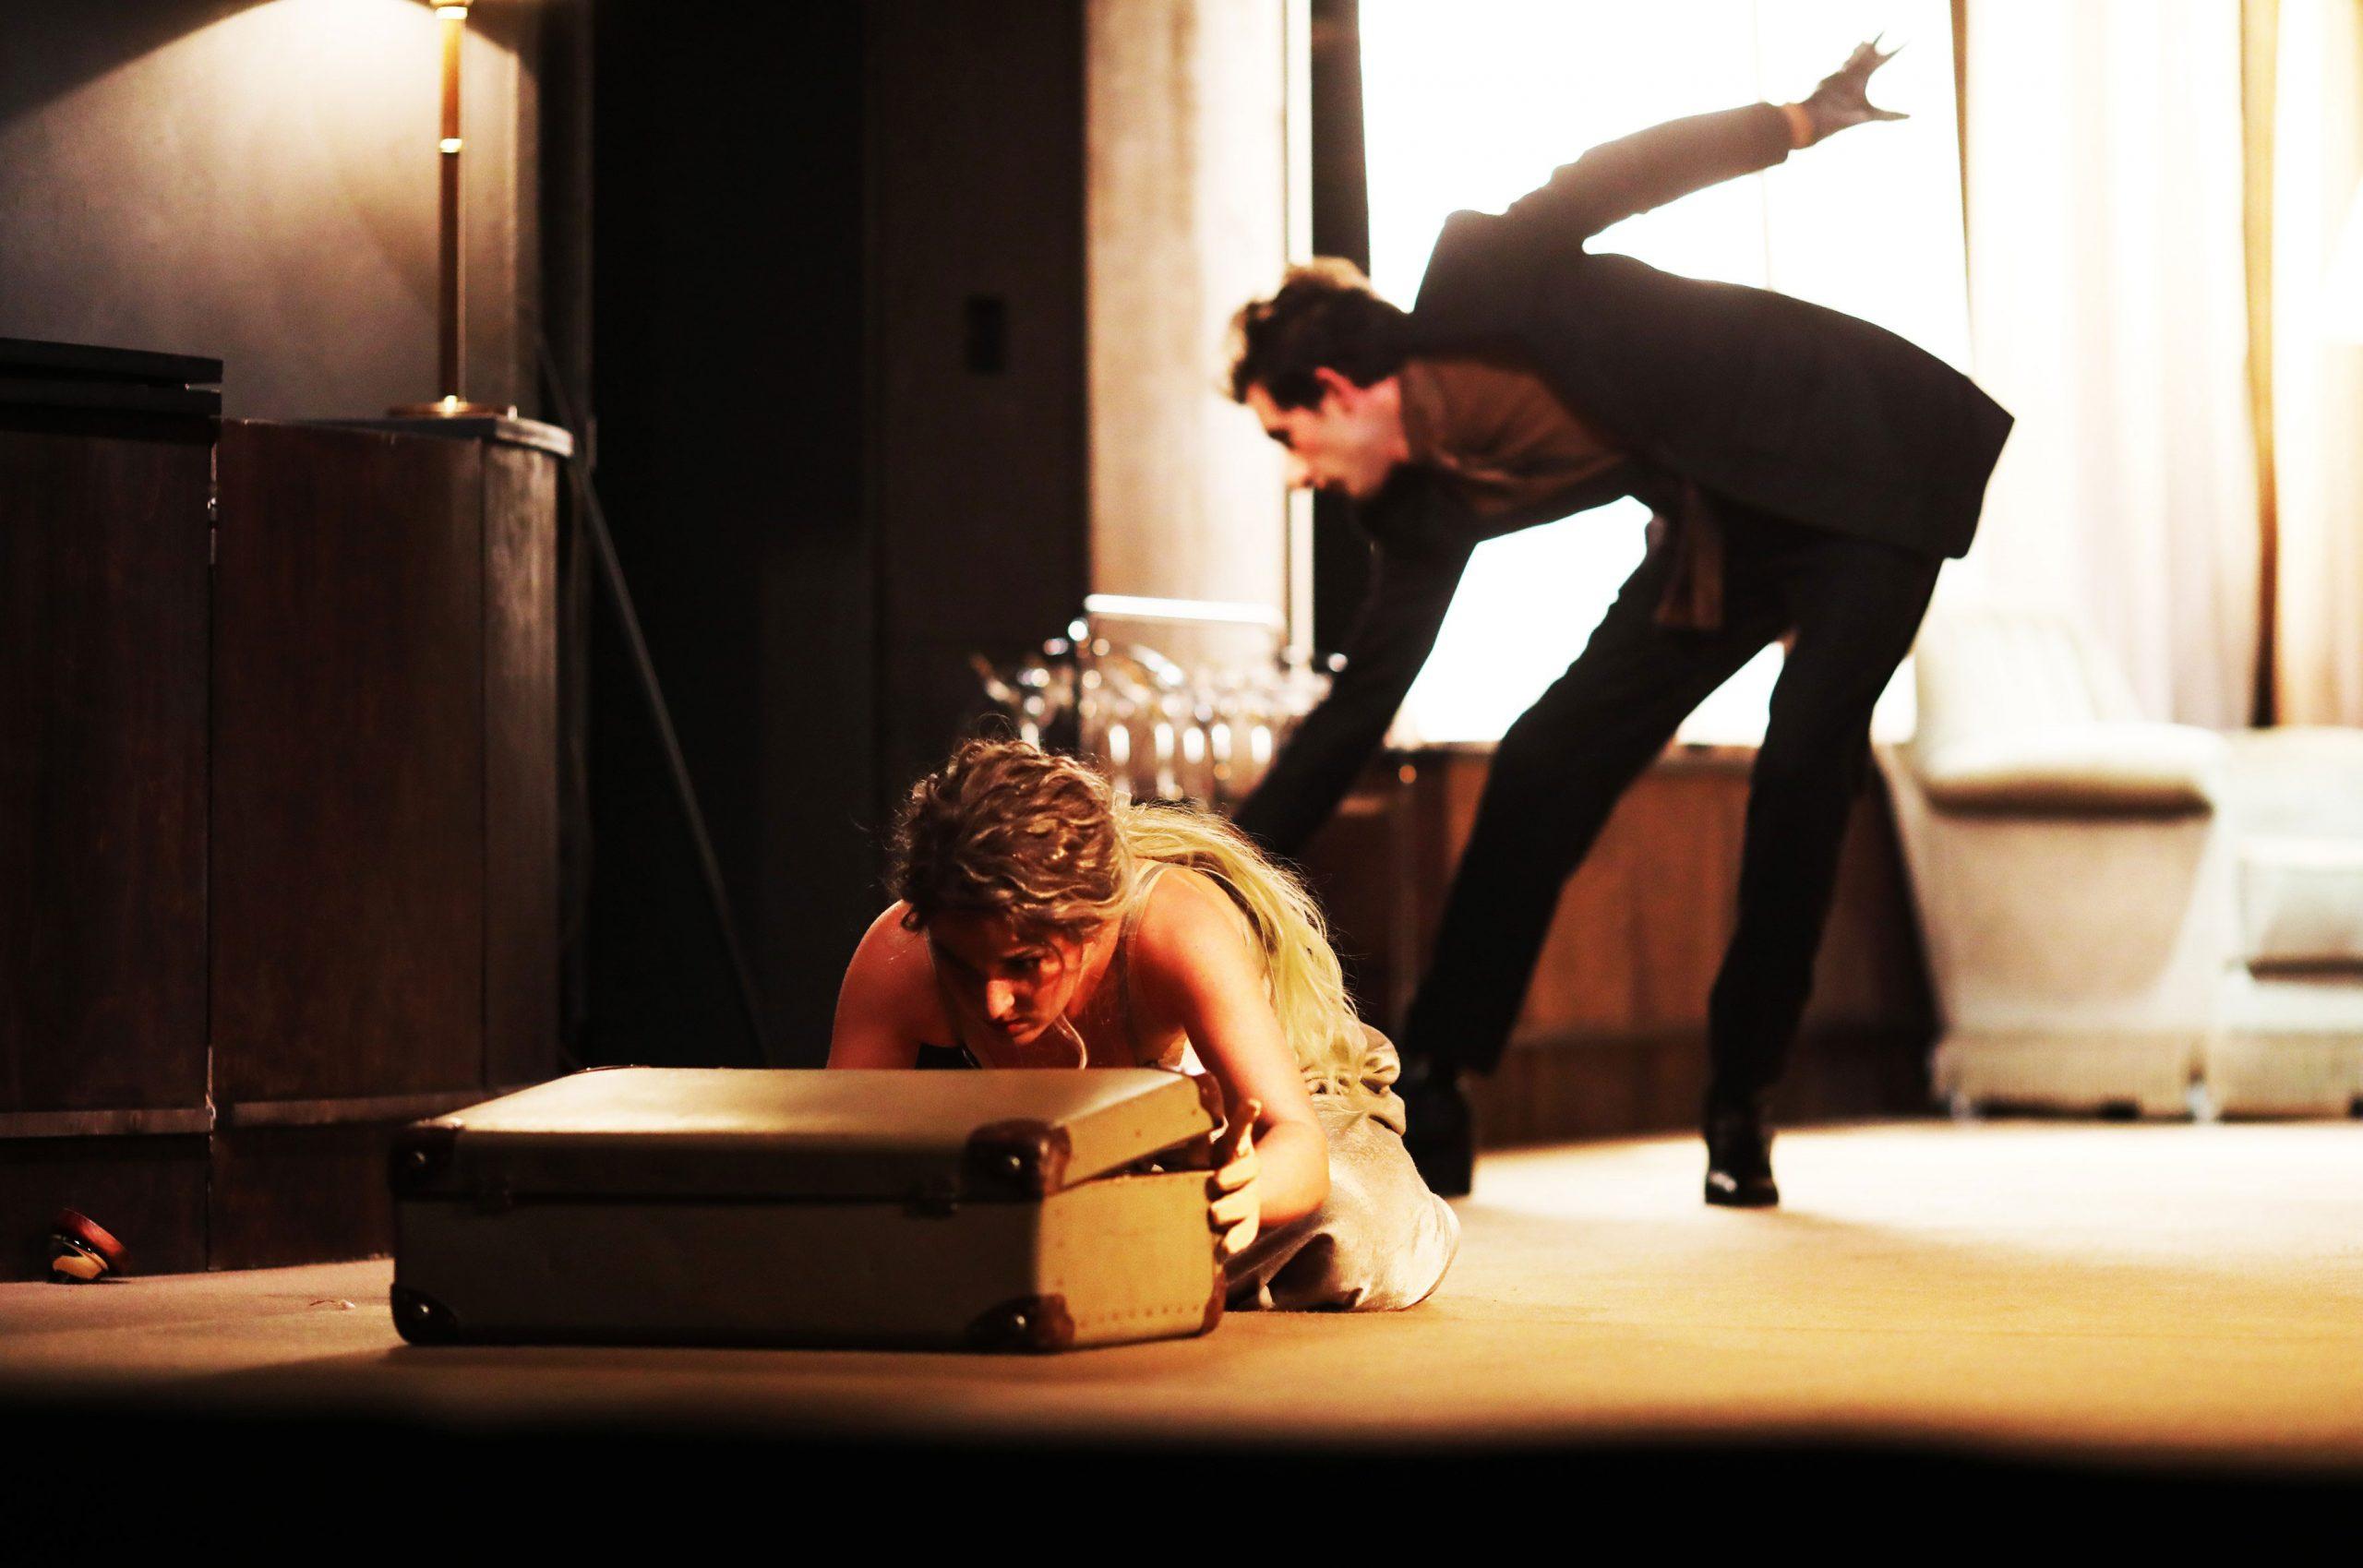 © Christian Brachwitz. Pythonparfum und Pralinen aus Pirgendwo. In einem in Brauntönen gehaltenen Hotelzimmer kniet eine Frau im Nachthemd vor einem auf dem liegenden alten etwas geöffneten Koffer. Ihre langen blonden welligen Haare sind nach hinten gebunden. Hinter ihr bückt sich ein schwarz gekleideter Mann in einer tänzerischen Körperhaltung Richtung Fußboden.